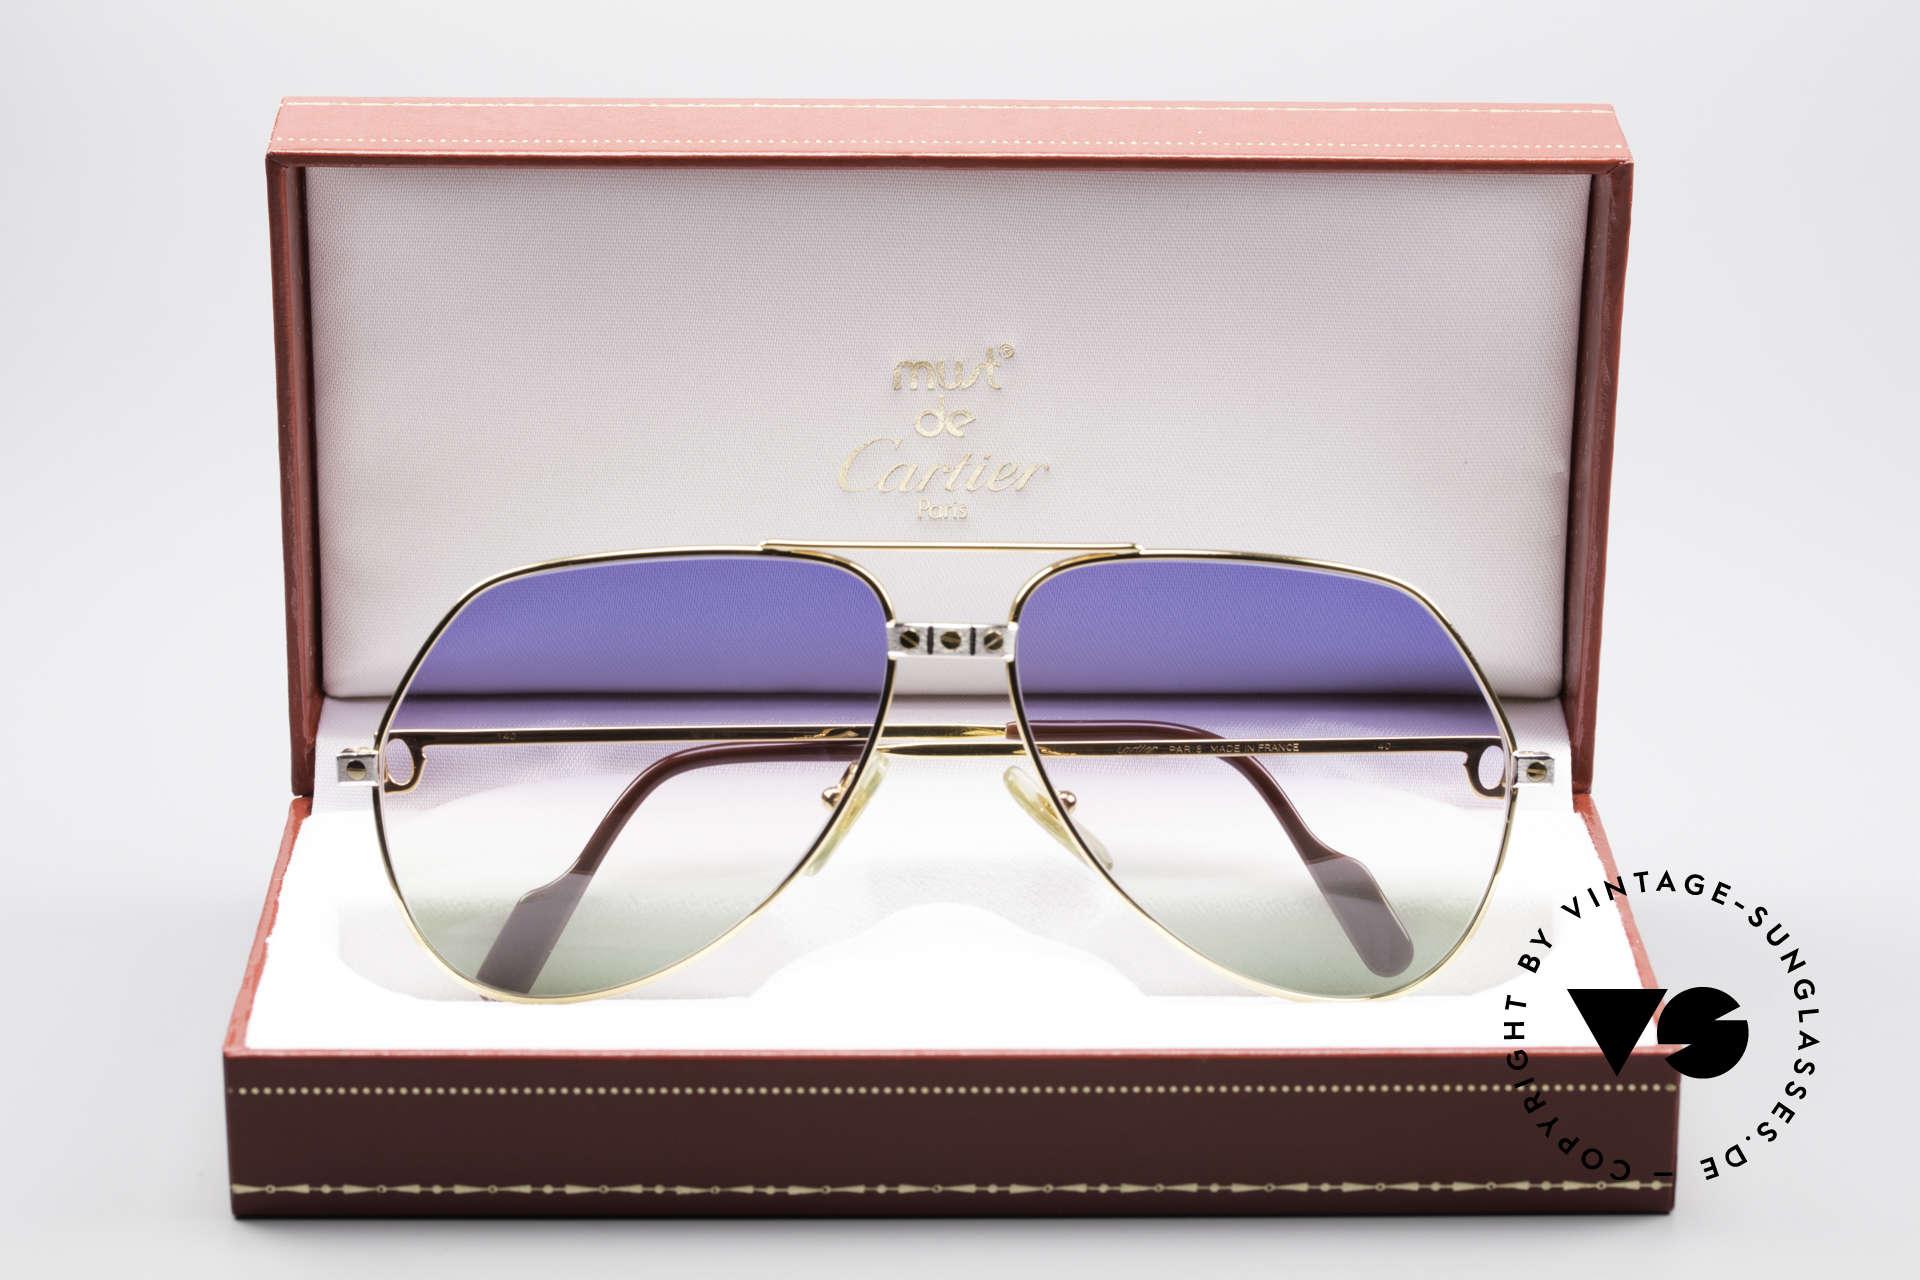 Cartier Vendome Santos - L Rare Luxus Sonnenbrille 80er, toller Horizont-Farbverlauf von himmelblau zu grasgrün, Passend für Herren